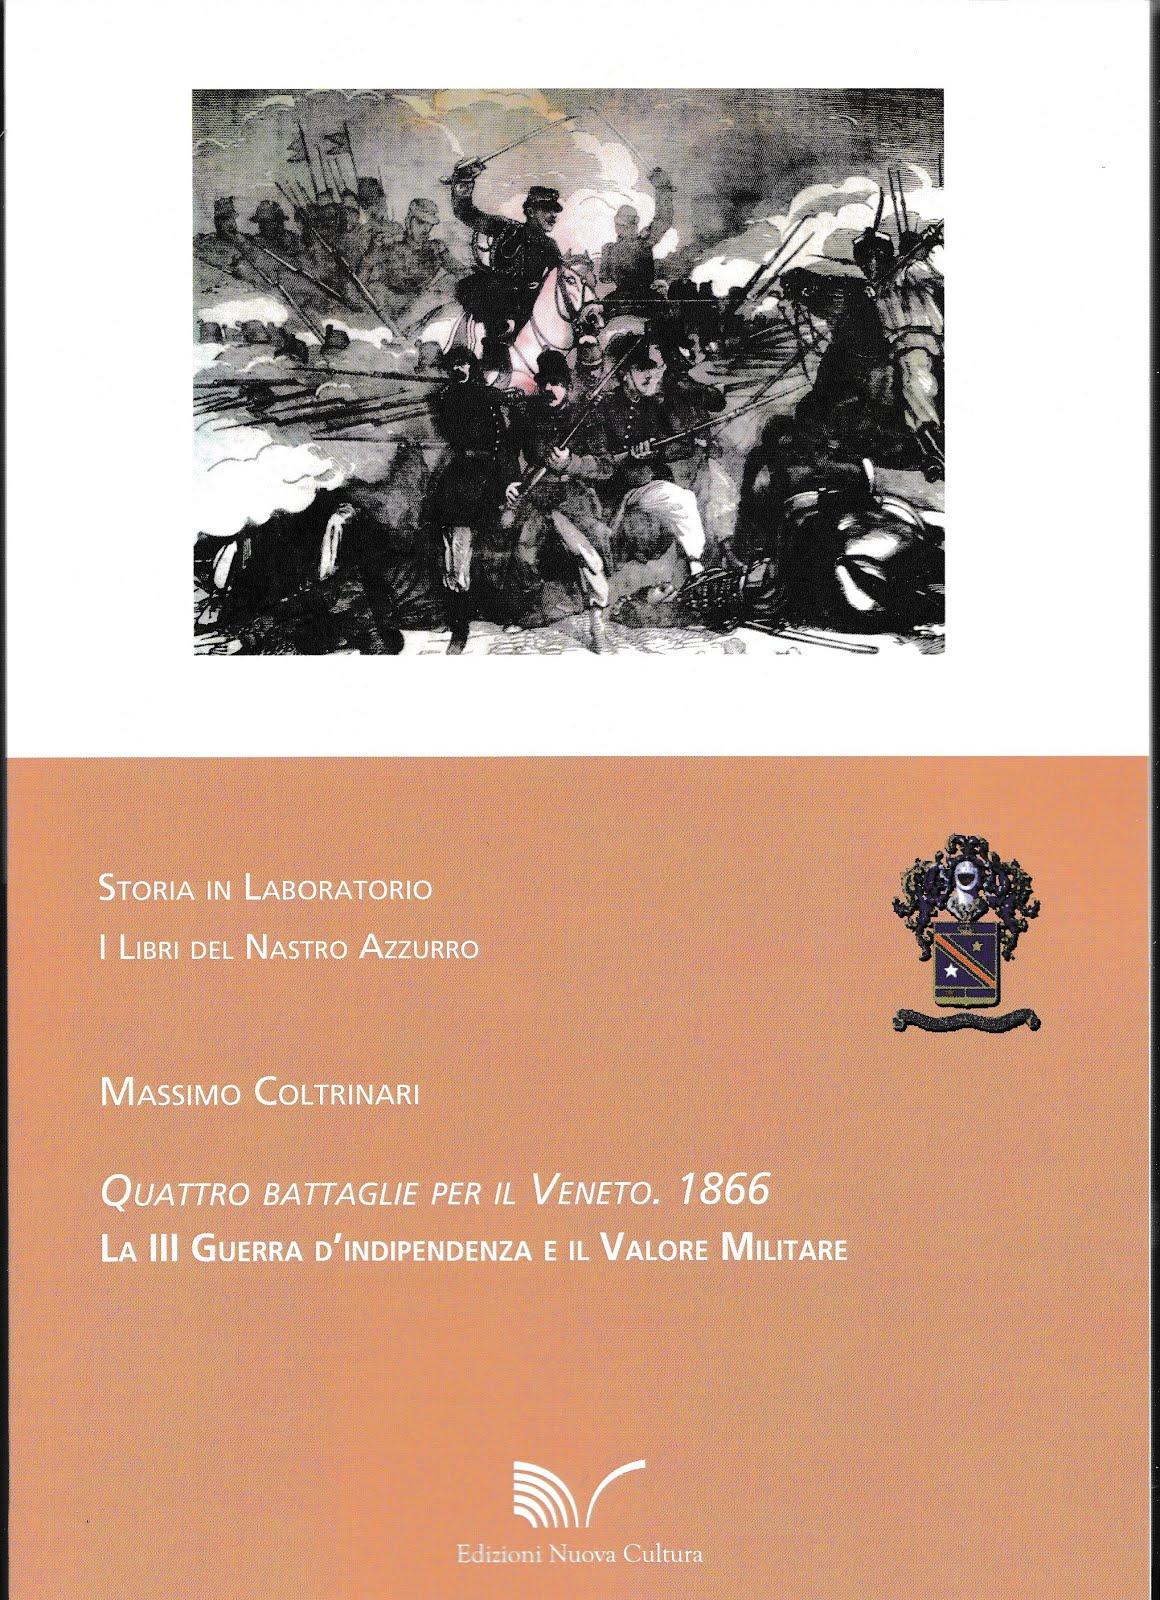 1866 QUATTRO BATTAGLIE PER IL VENETO